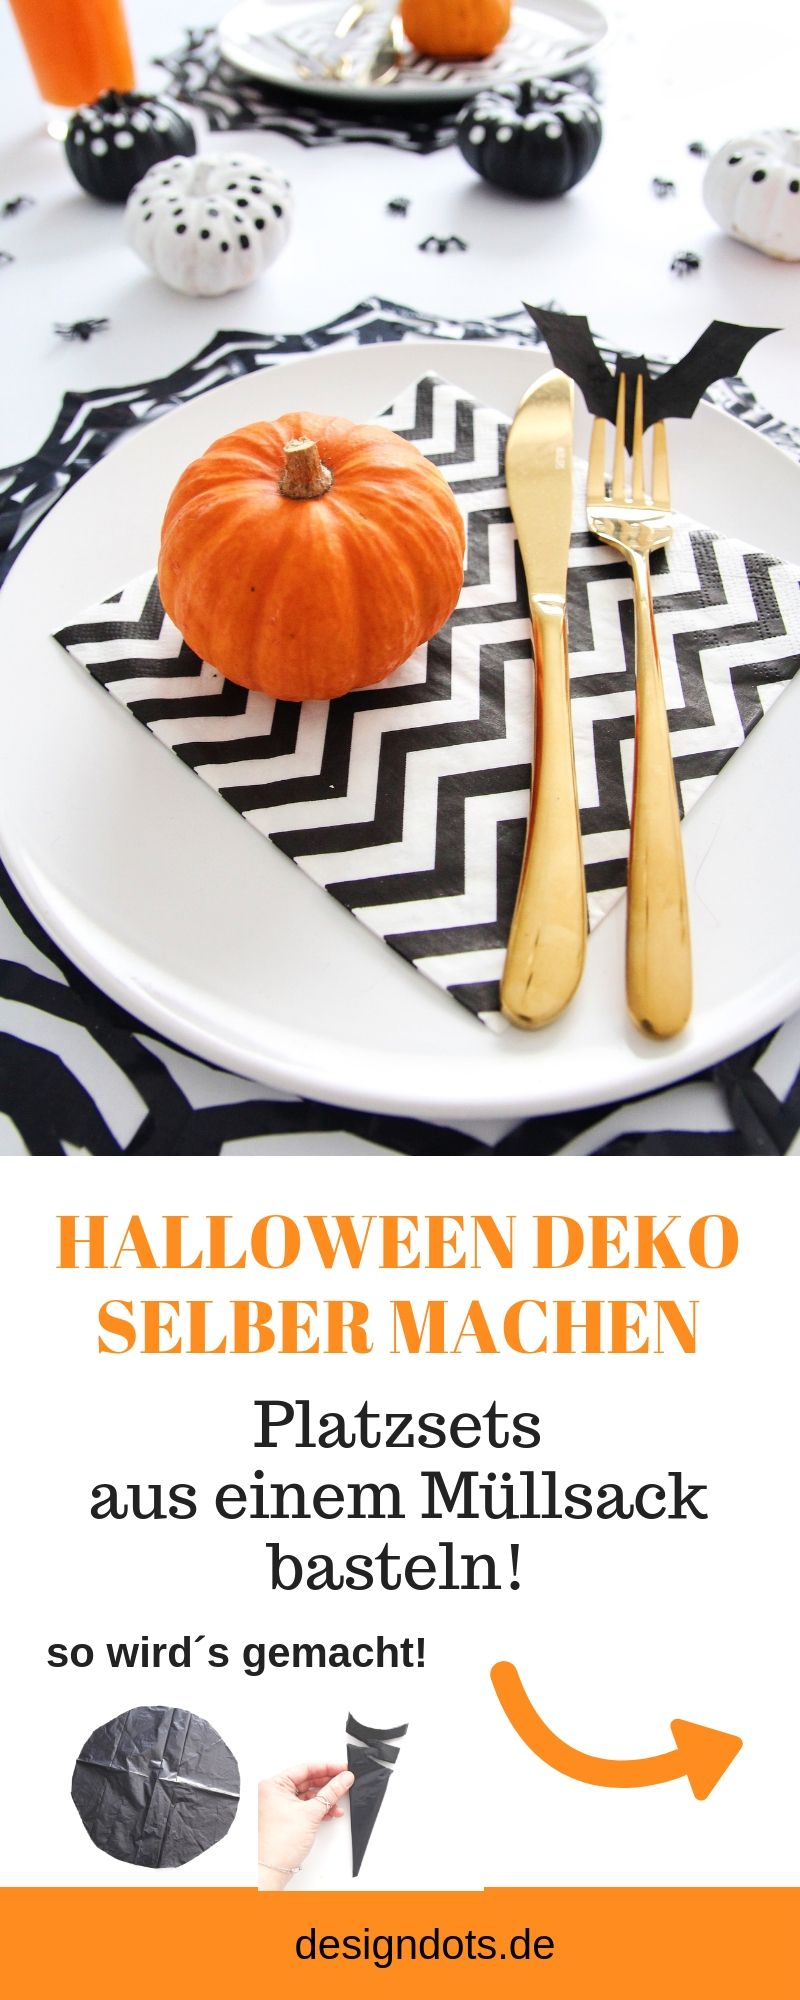 Halloween Deko Selber Machen Die Besten Ideen Halloween Deko Selber Machen Deko Selber Machen Diy Deko Selber Machen